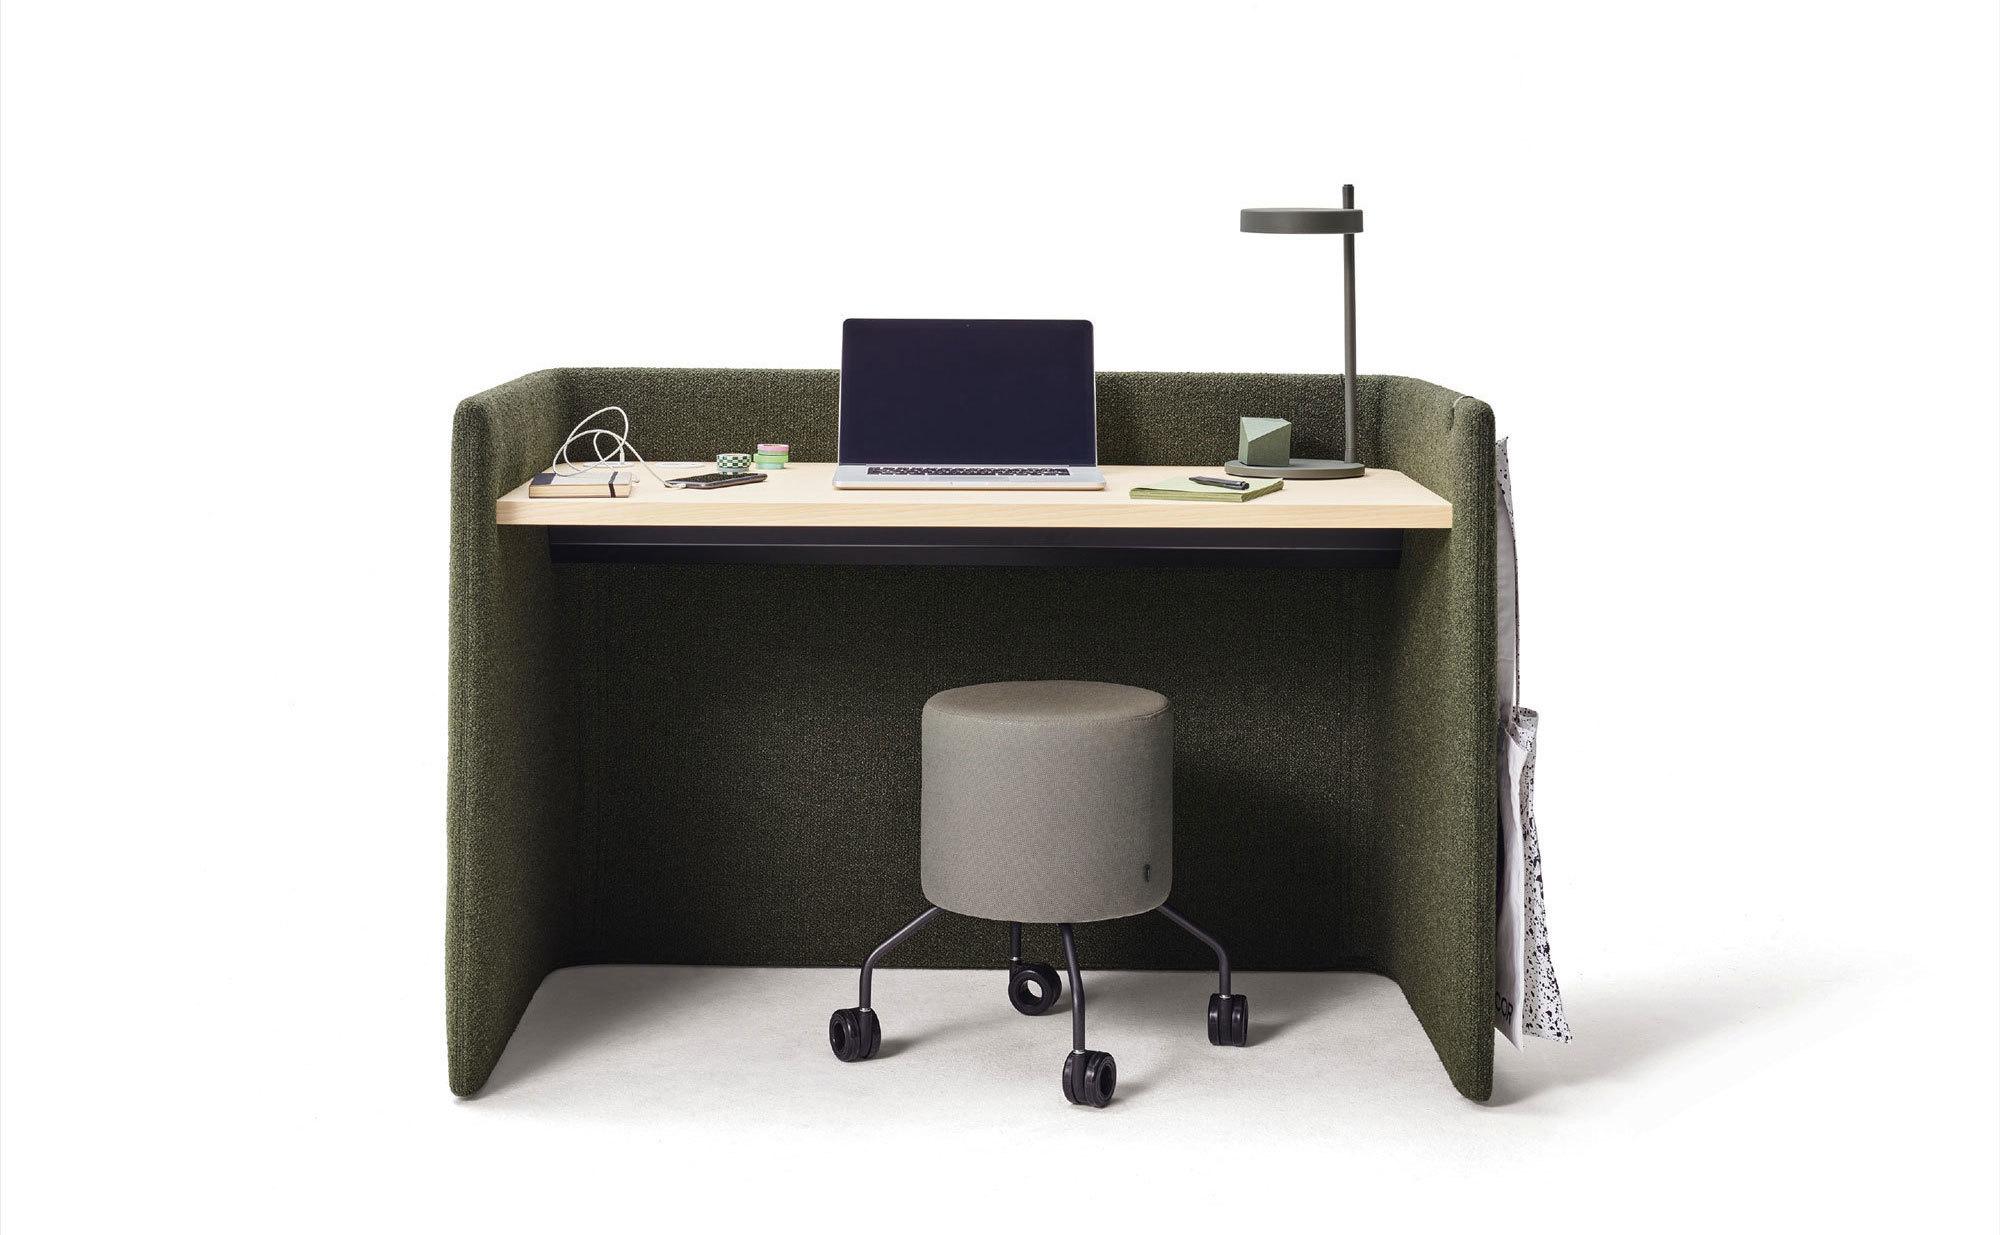 Der Schreibtisch aus der Produktfamilie Floater von Cor hat eine gepolsterte Außenschale in Höhen von 86 oder 133 cm. Foto: ©COR